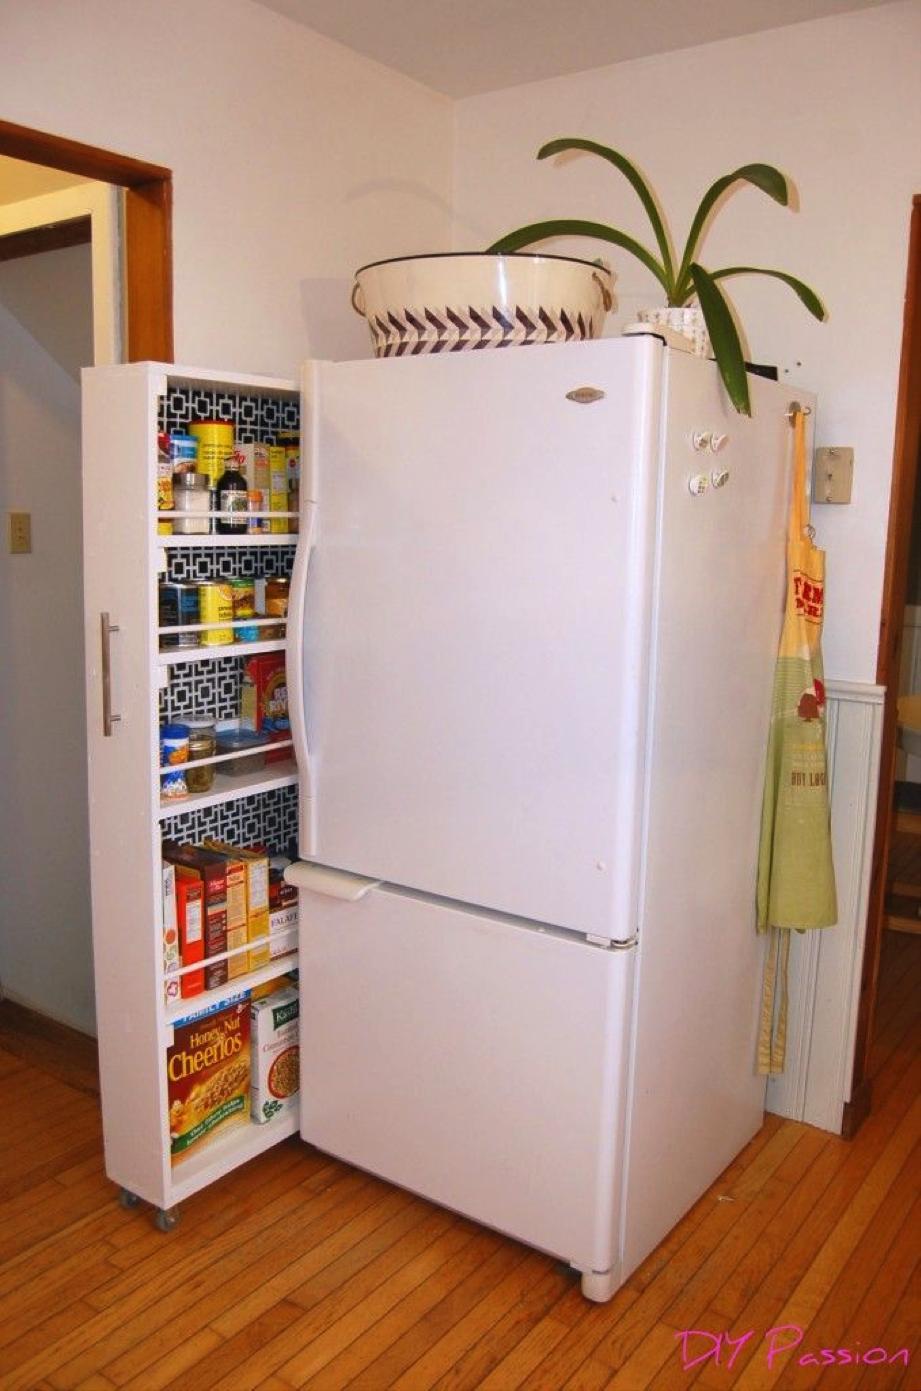 Как сделать встроенный холодильник из обычного своими руками